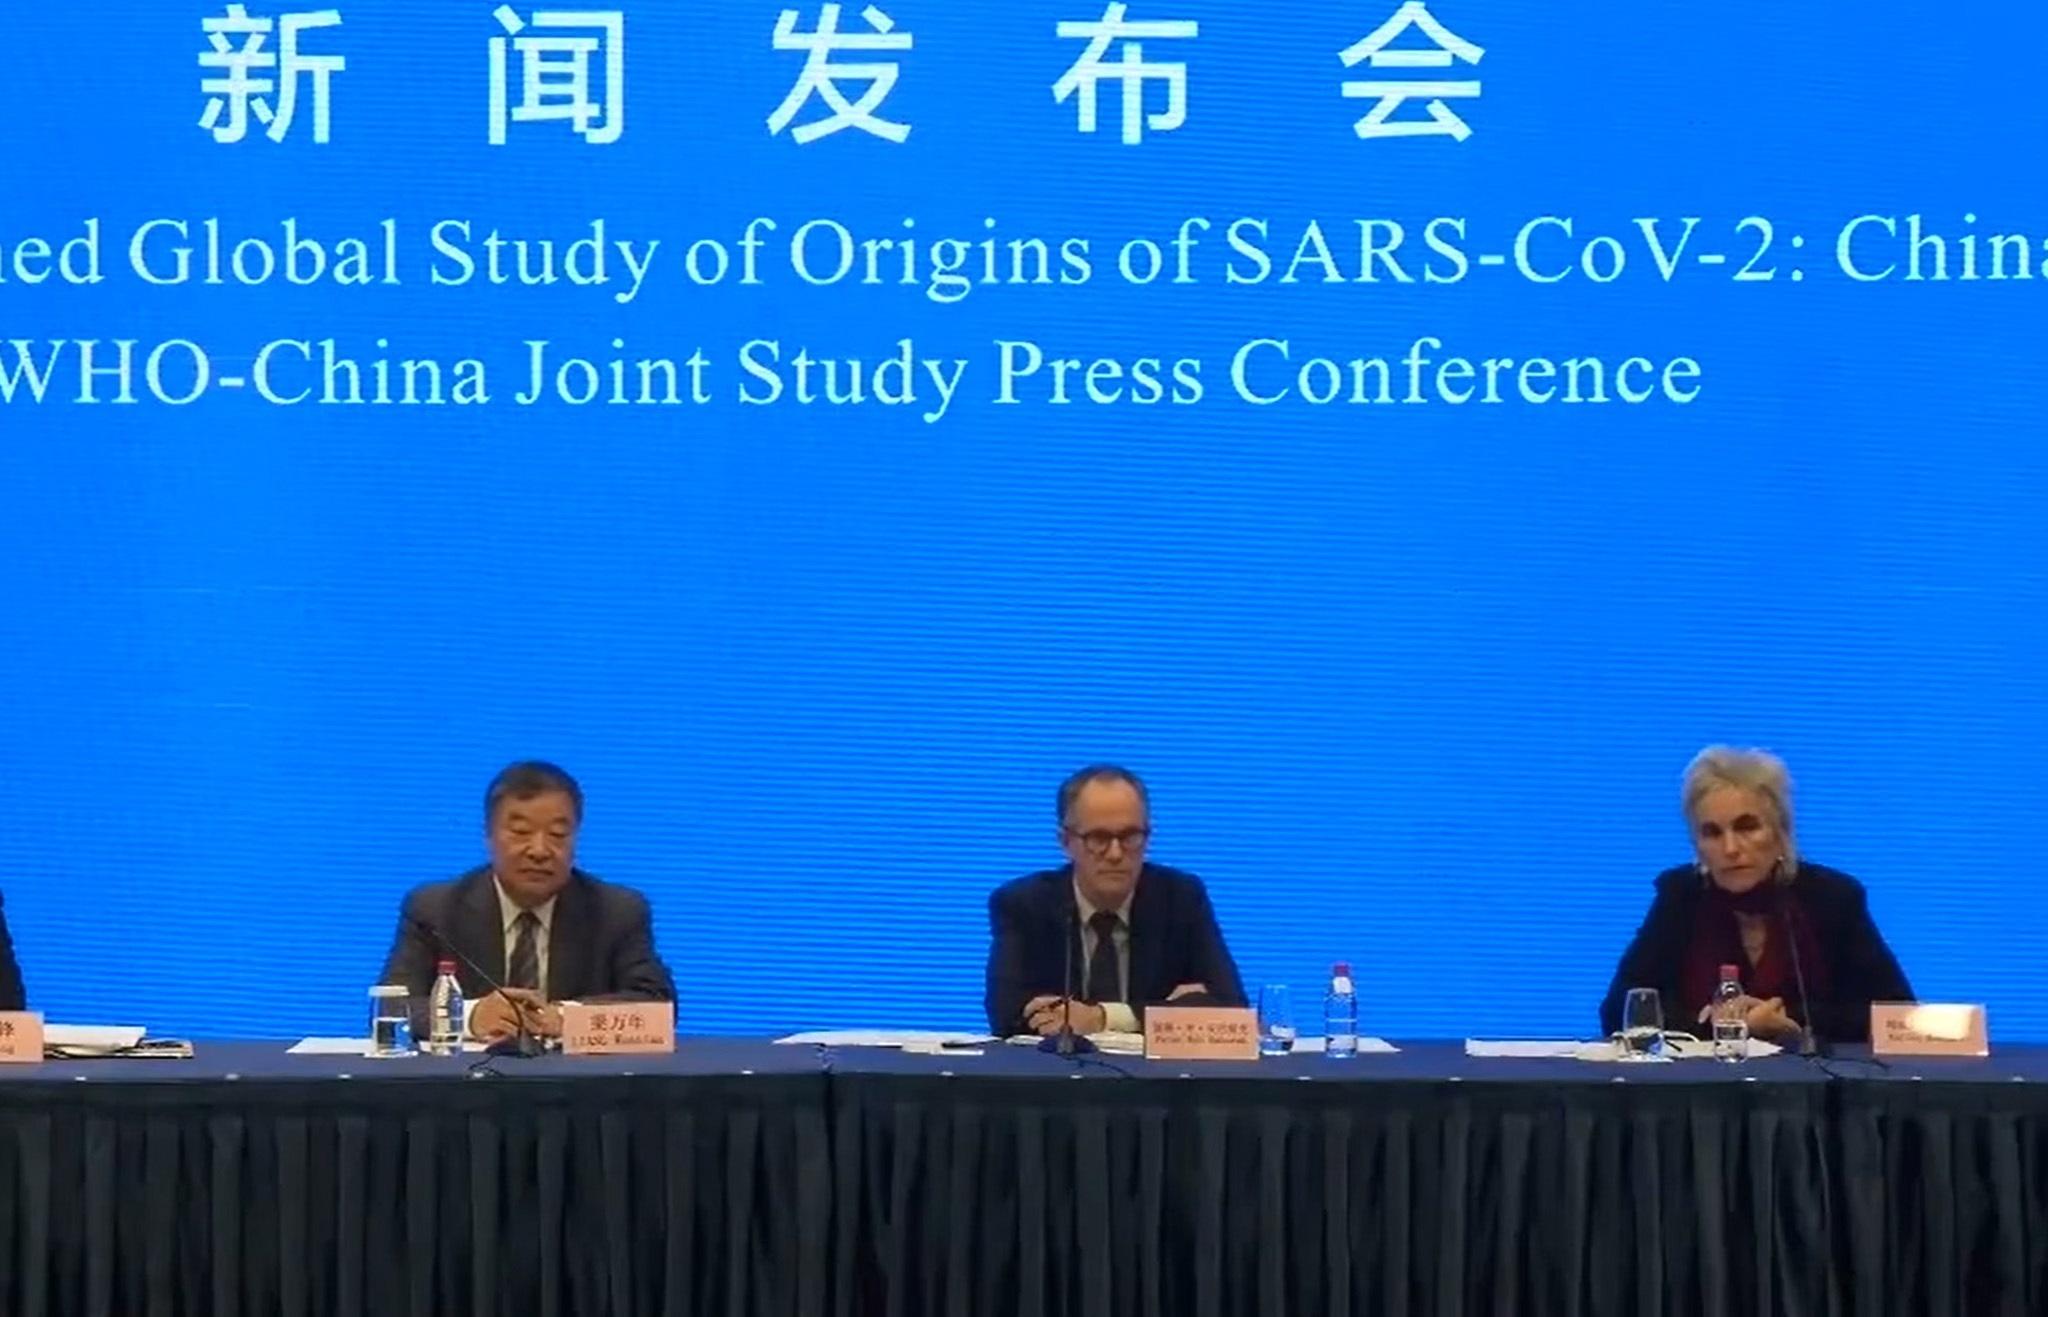 Captura del video facilitado por la OMS de la comparecencia de prensa de los responsables de la misión de la organización que ha investigado el origen de la covid-19 en Wuhan, China.EFE/EPA/WHO HANDOUT